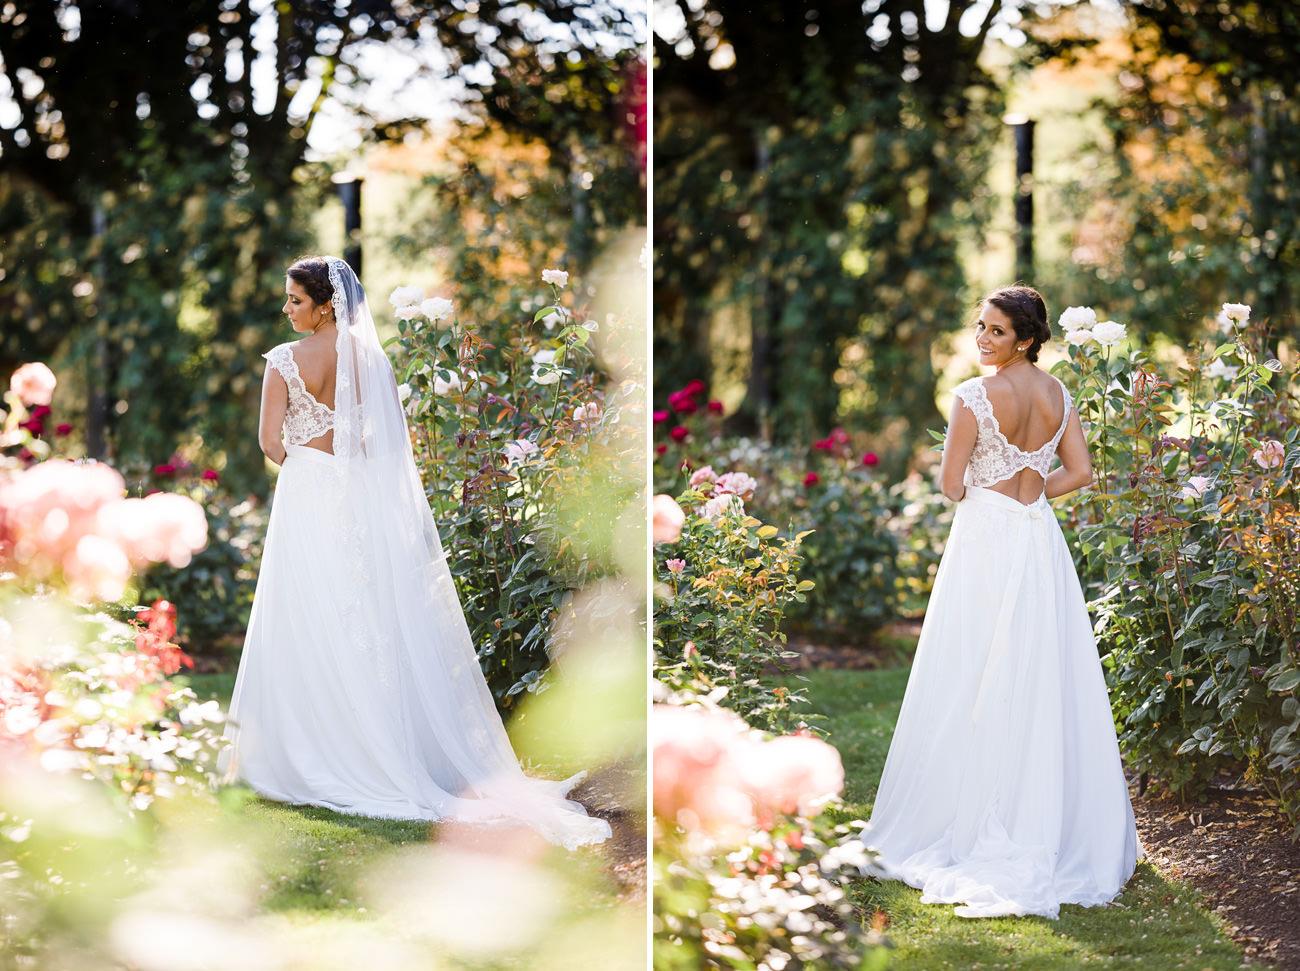 st-marys-catholic-wedding-39 St Marys Catholic Wedding   Eugene Oregon Photographer   Ariana & Chavo